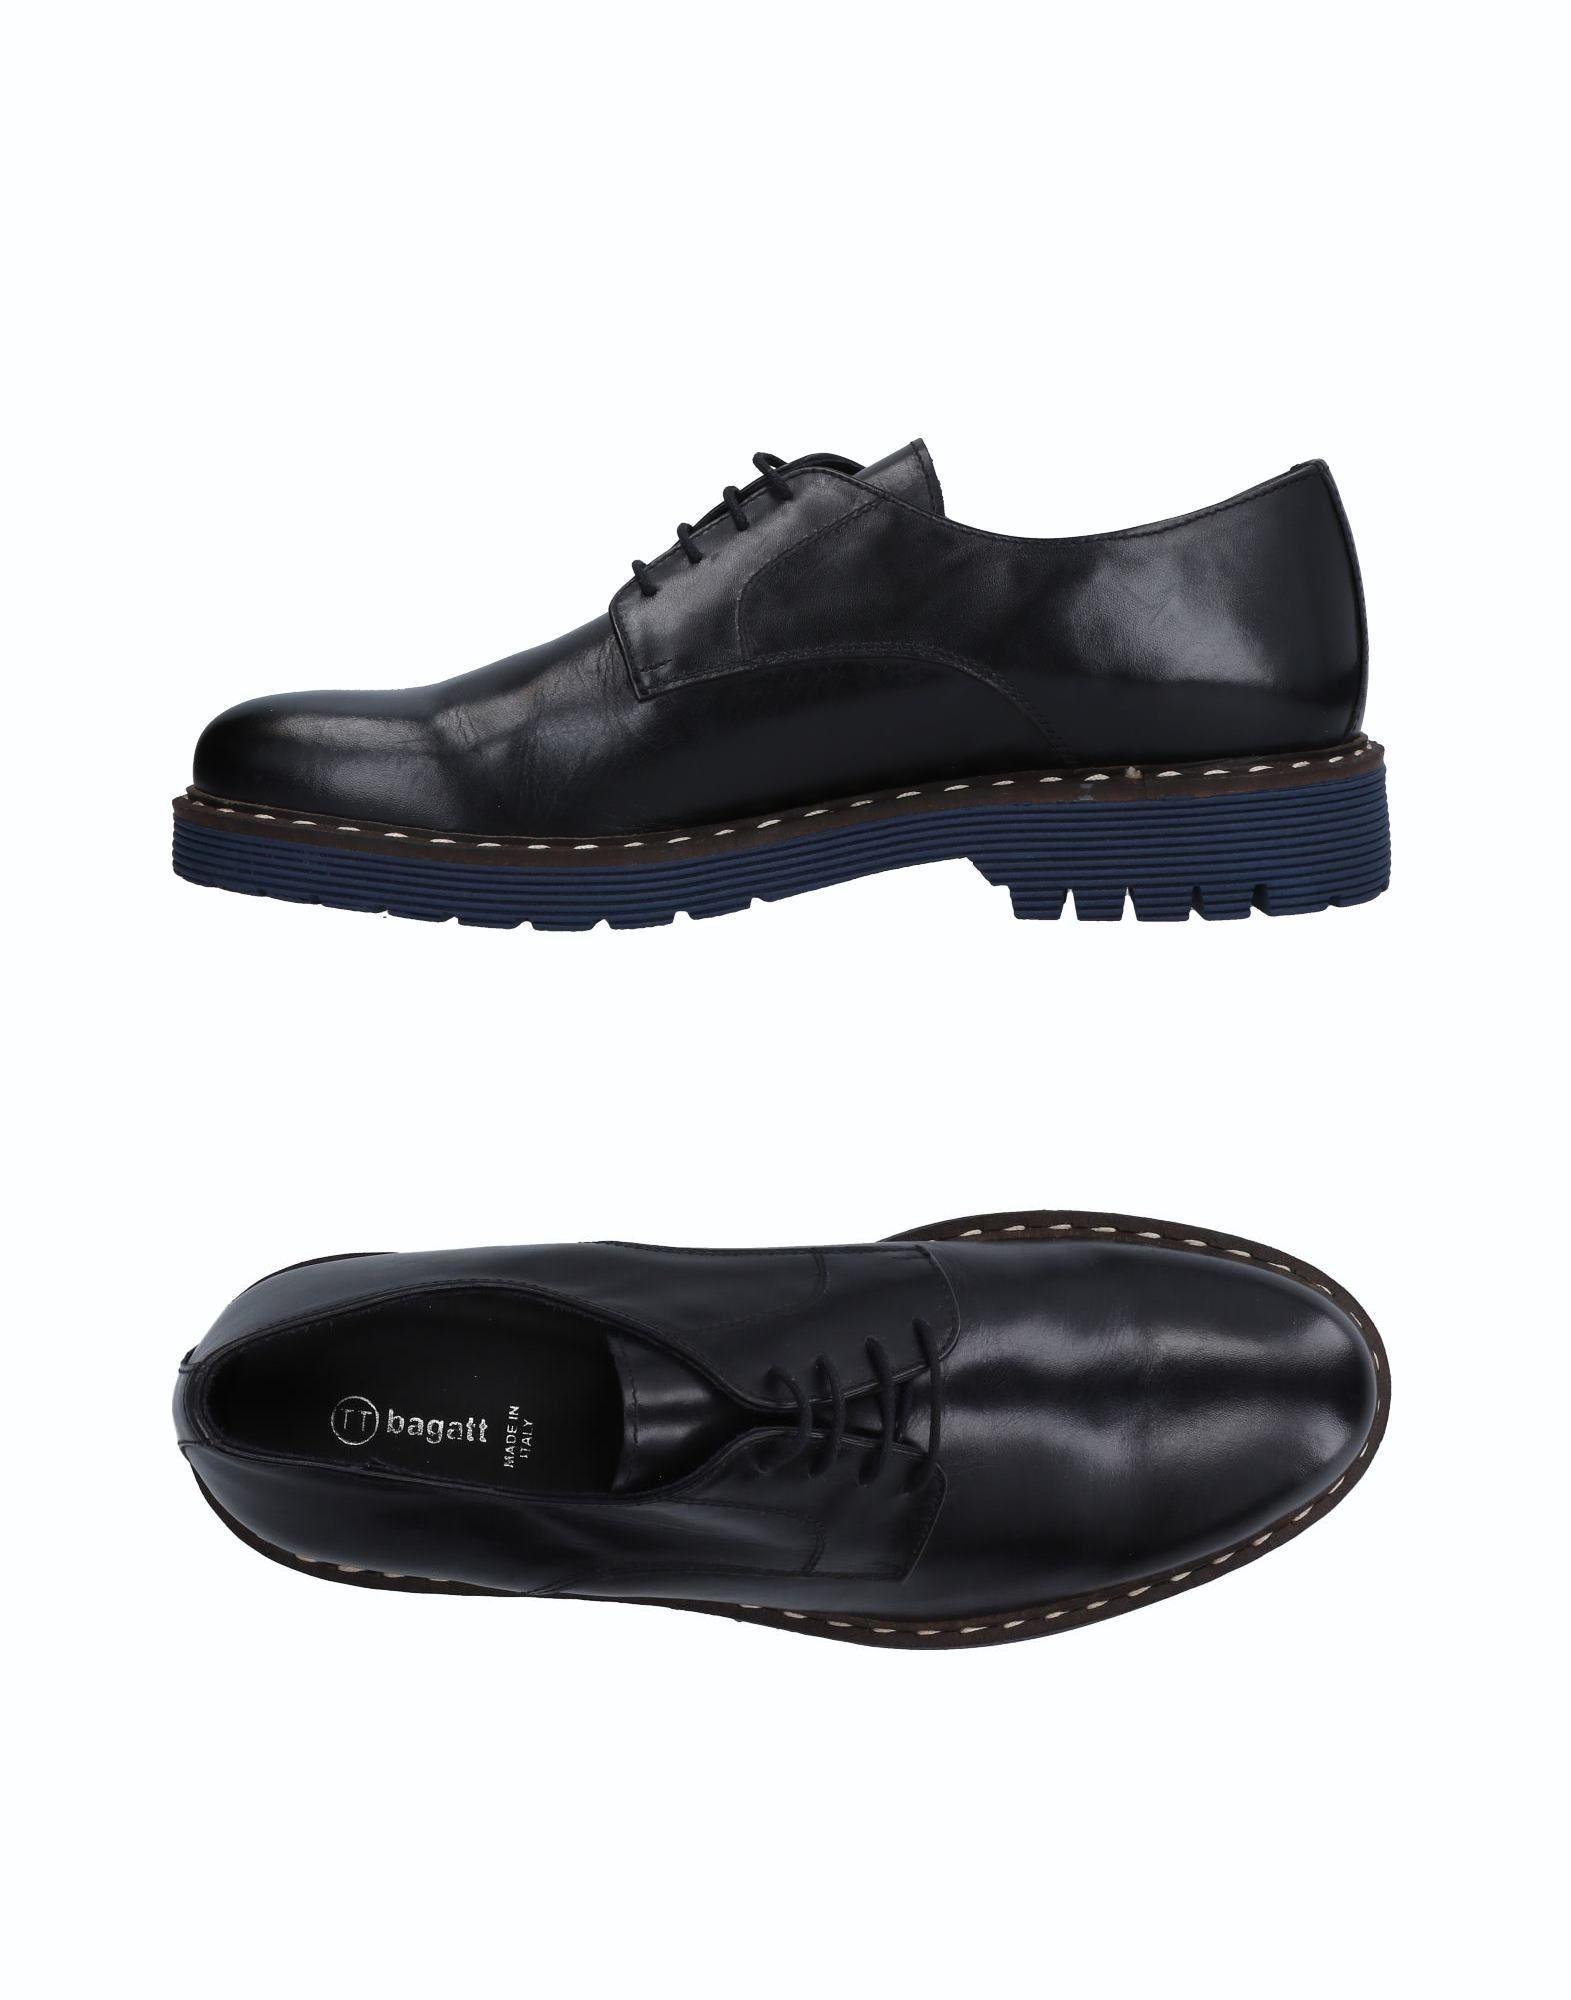 Bagatt Schnürschuhe Herren  Schuhe 11512625VV Heiße Schuhe  6c0dad